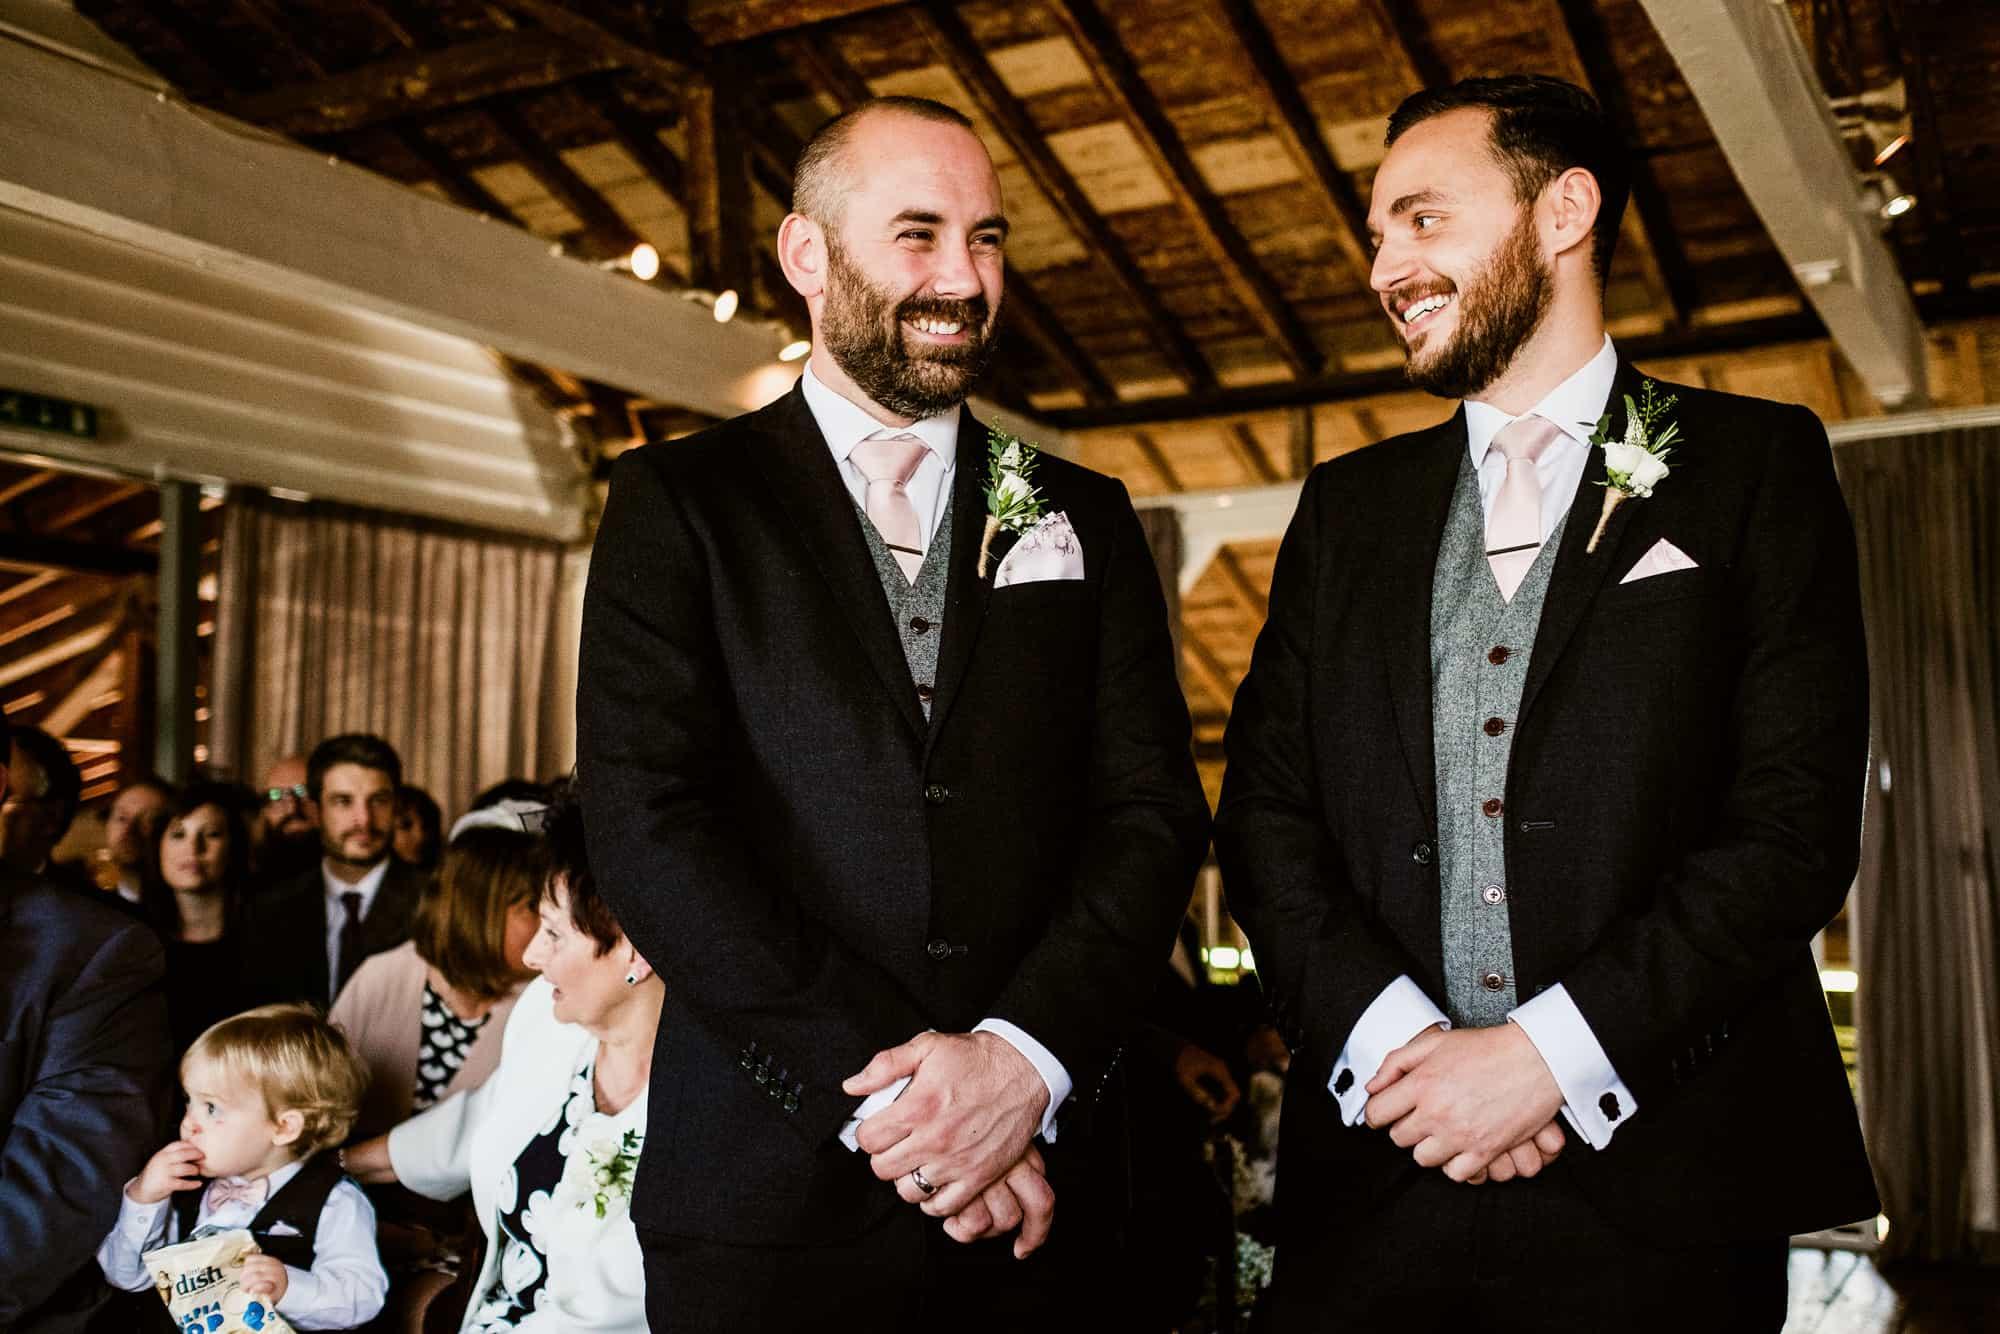 east-quay-wedding-photographer-matt-tyler-0017